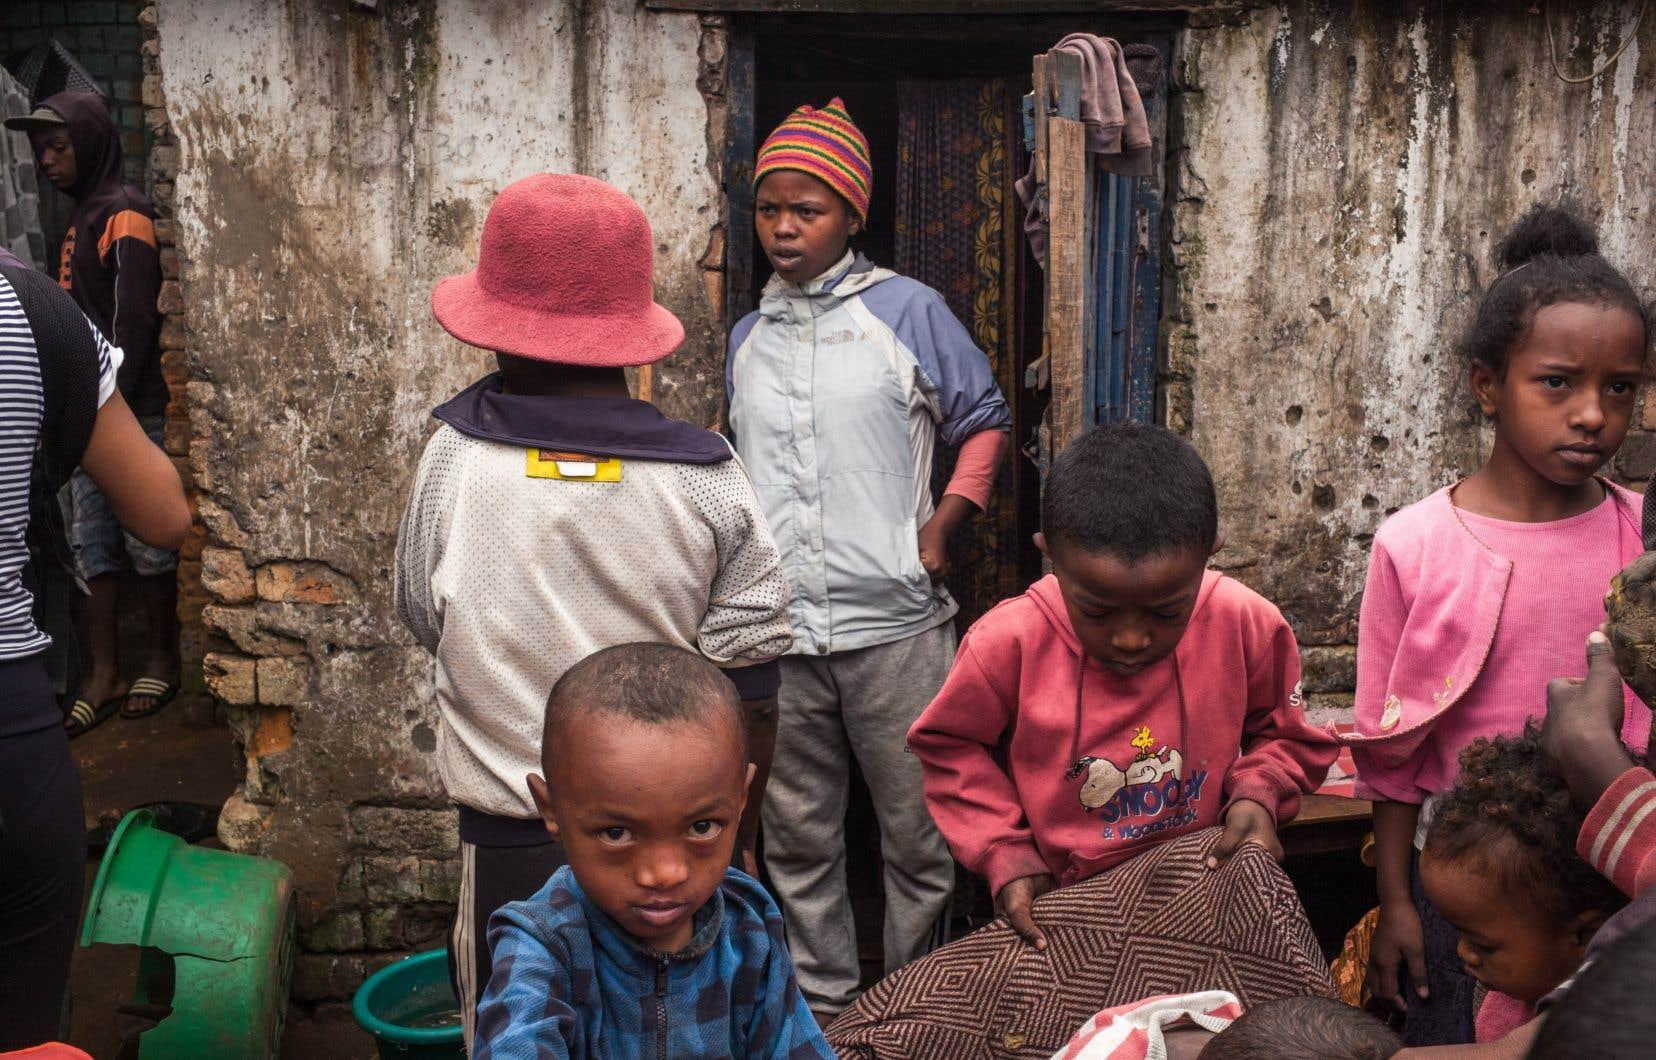 Le secrétaire général de l'ONU, António Guterres, a mis en garde mardi contre une «crise alimentaire mondiale» aux répercussions à long terme pour «des centaines de millions d'enfants et d'adultes» si rien n'est fait pour atténuer les conséquences de la pandémie actuelle.